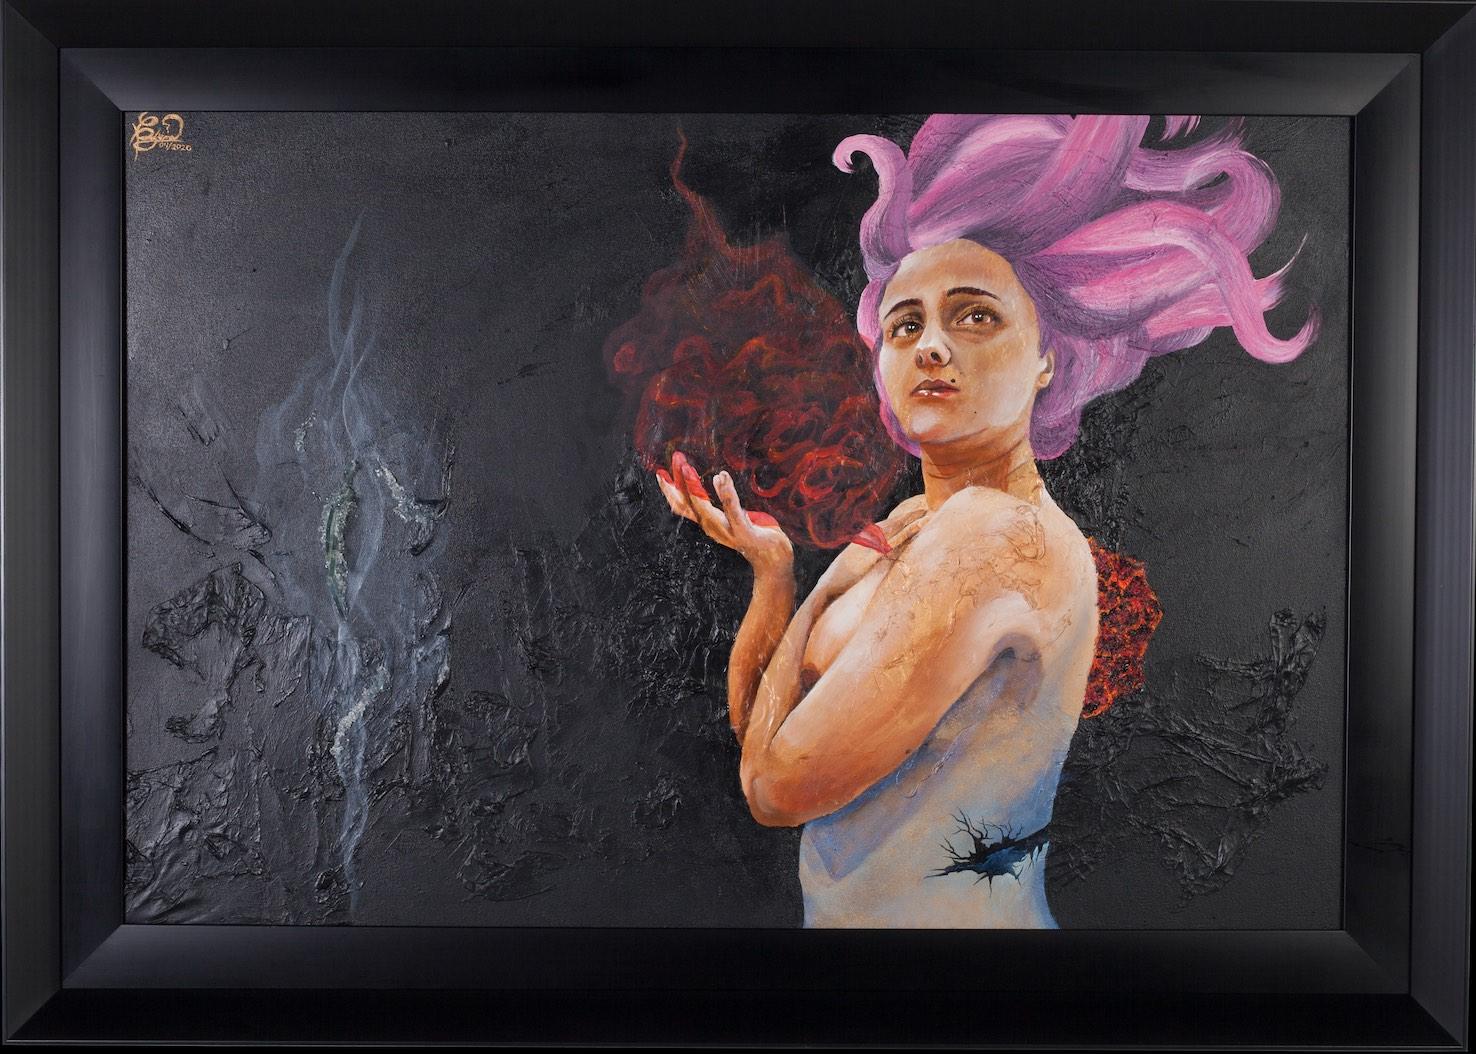 Mamá. Luz y sombra, una exposición de Celeste Bejarano llega a Puebla